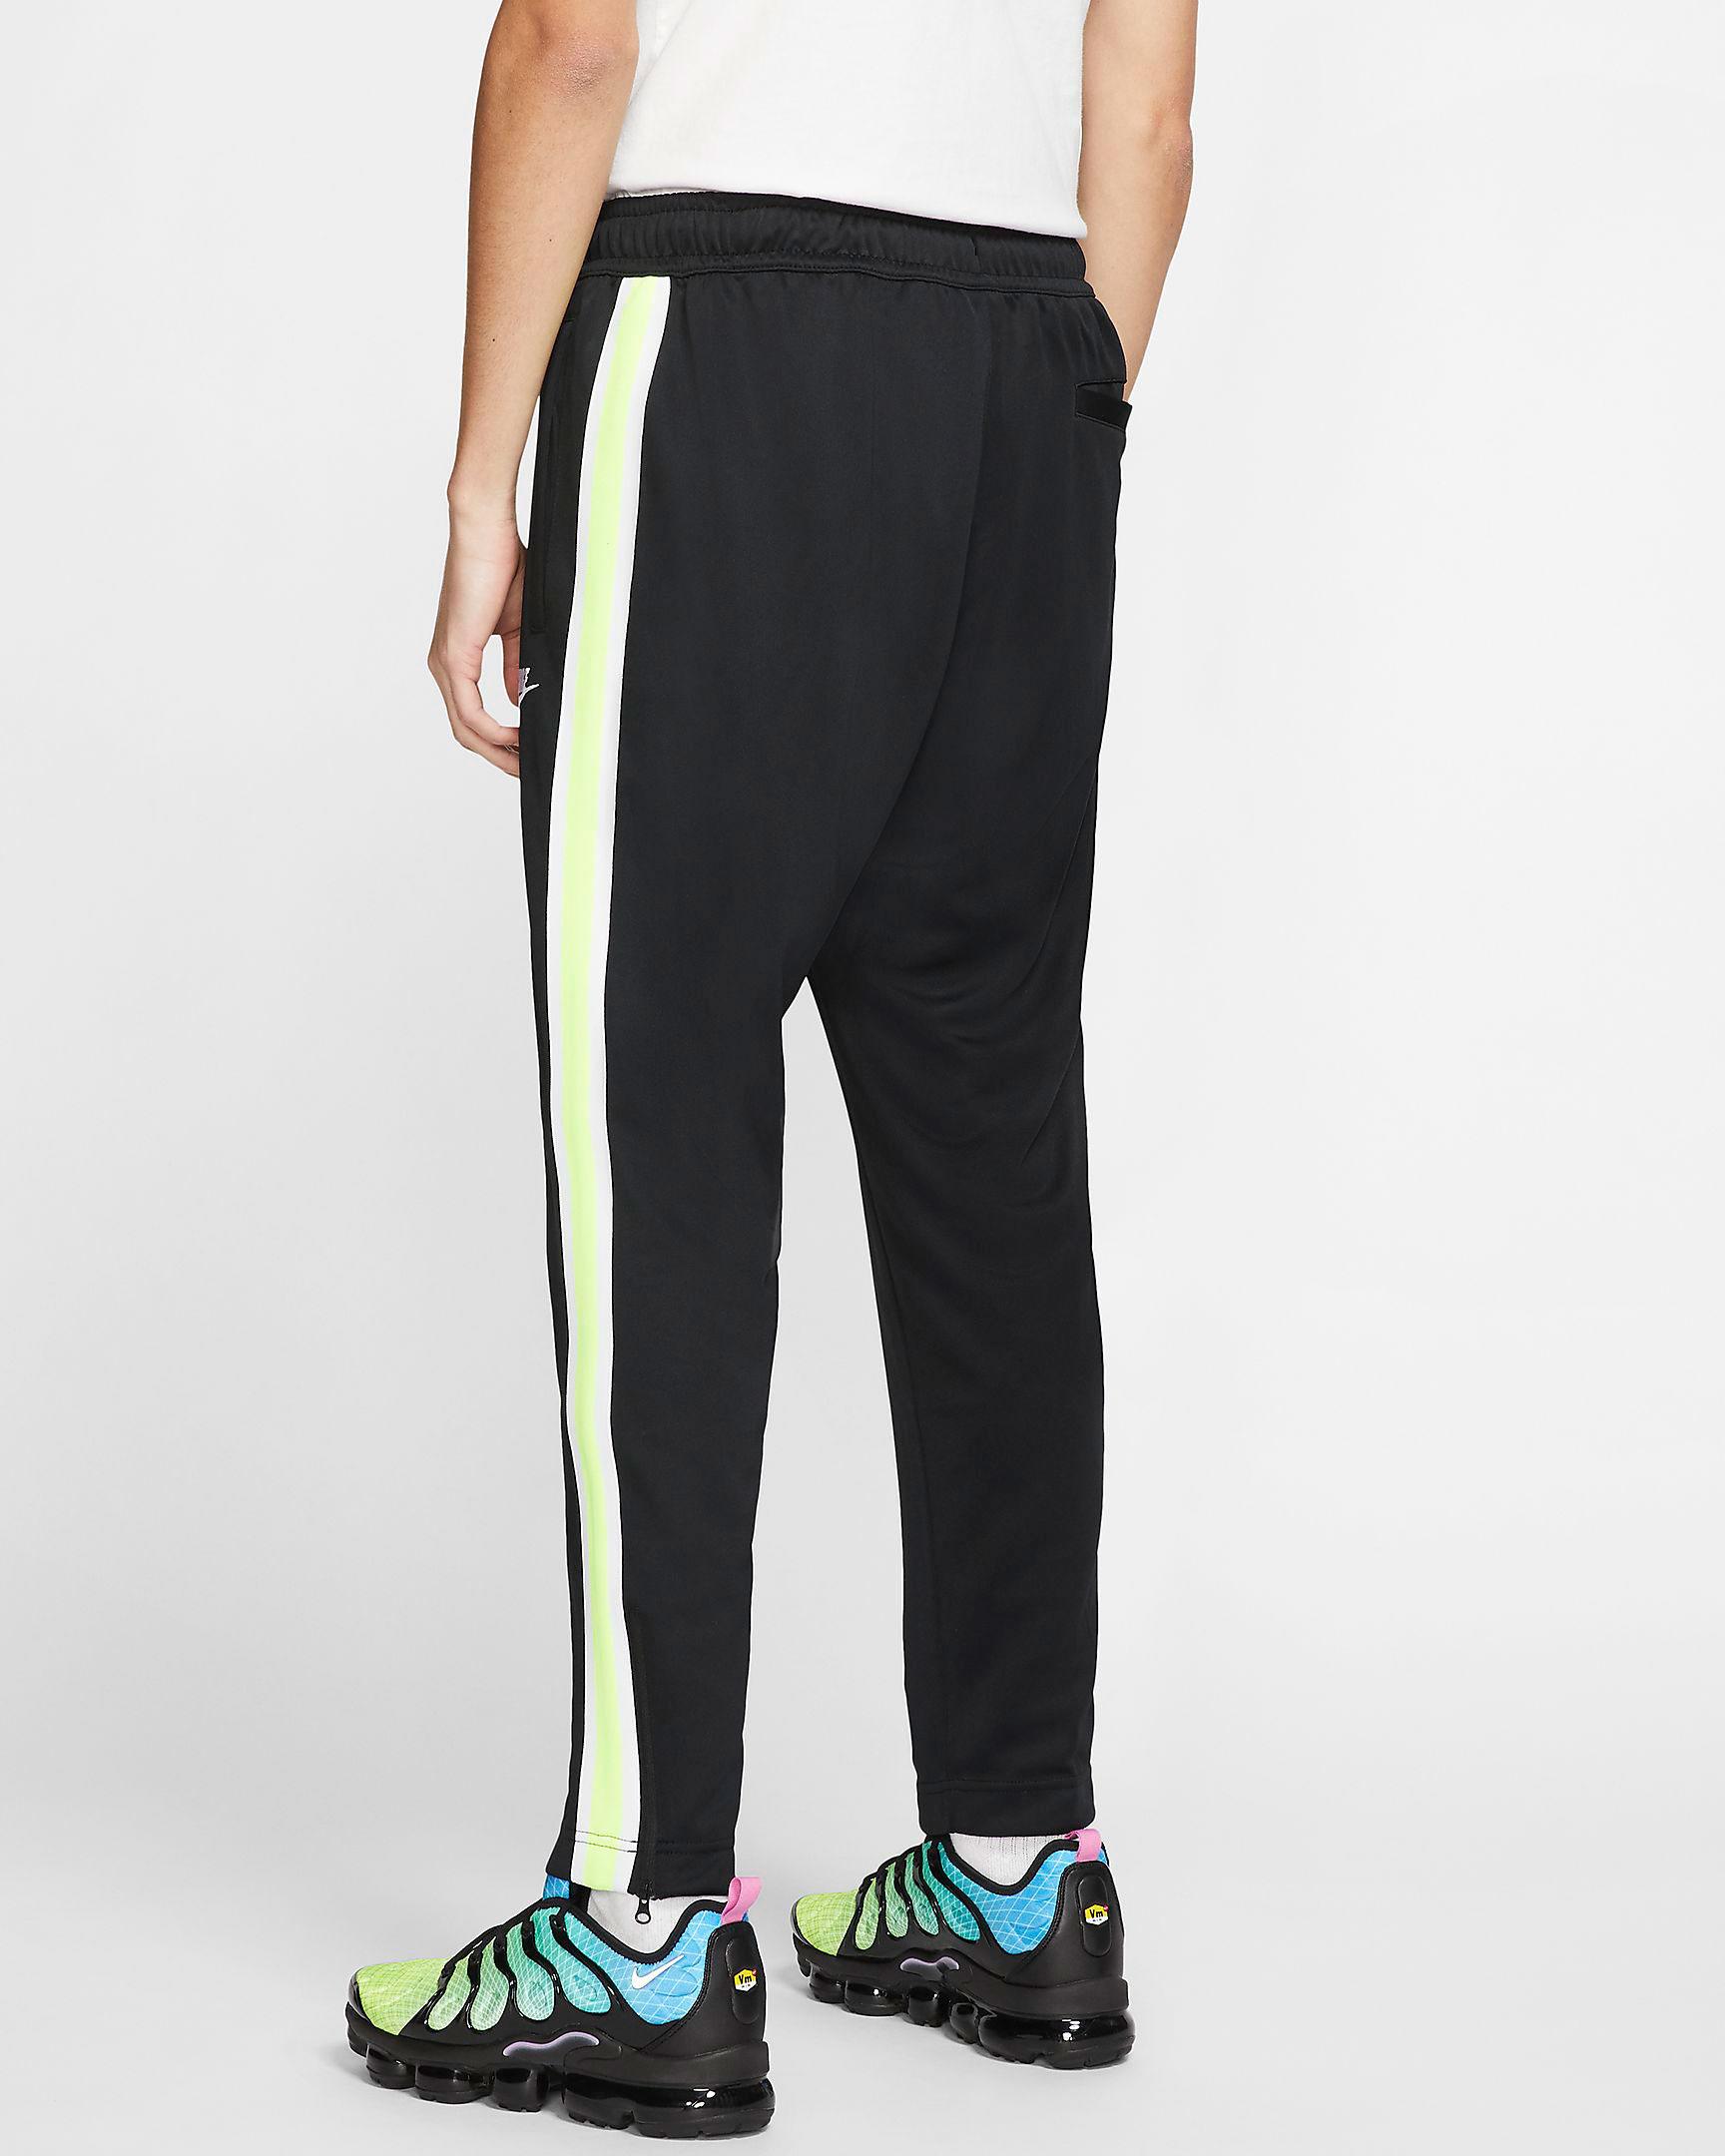 air-jordan-4-neon-nike-volt-track-pants-2